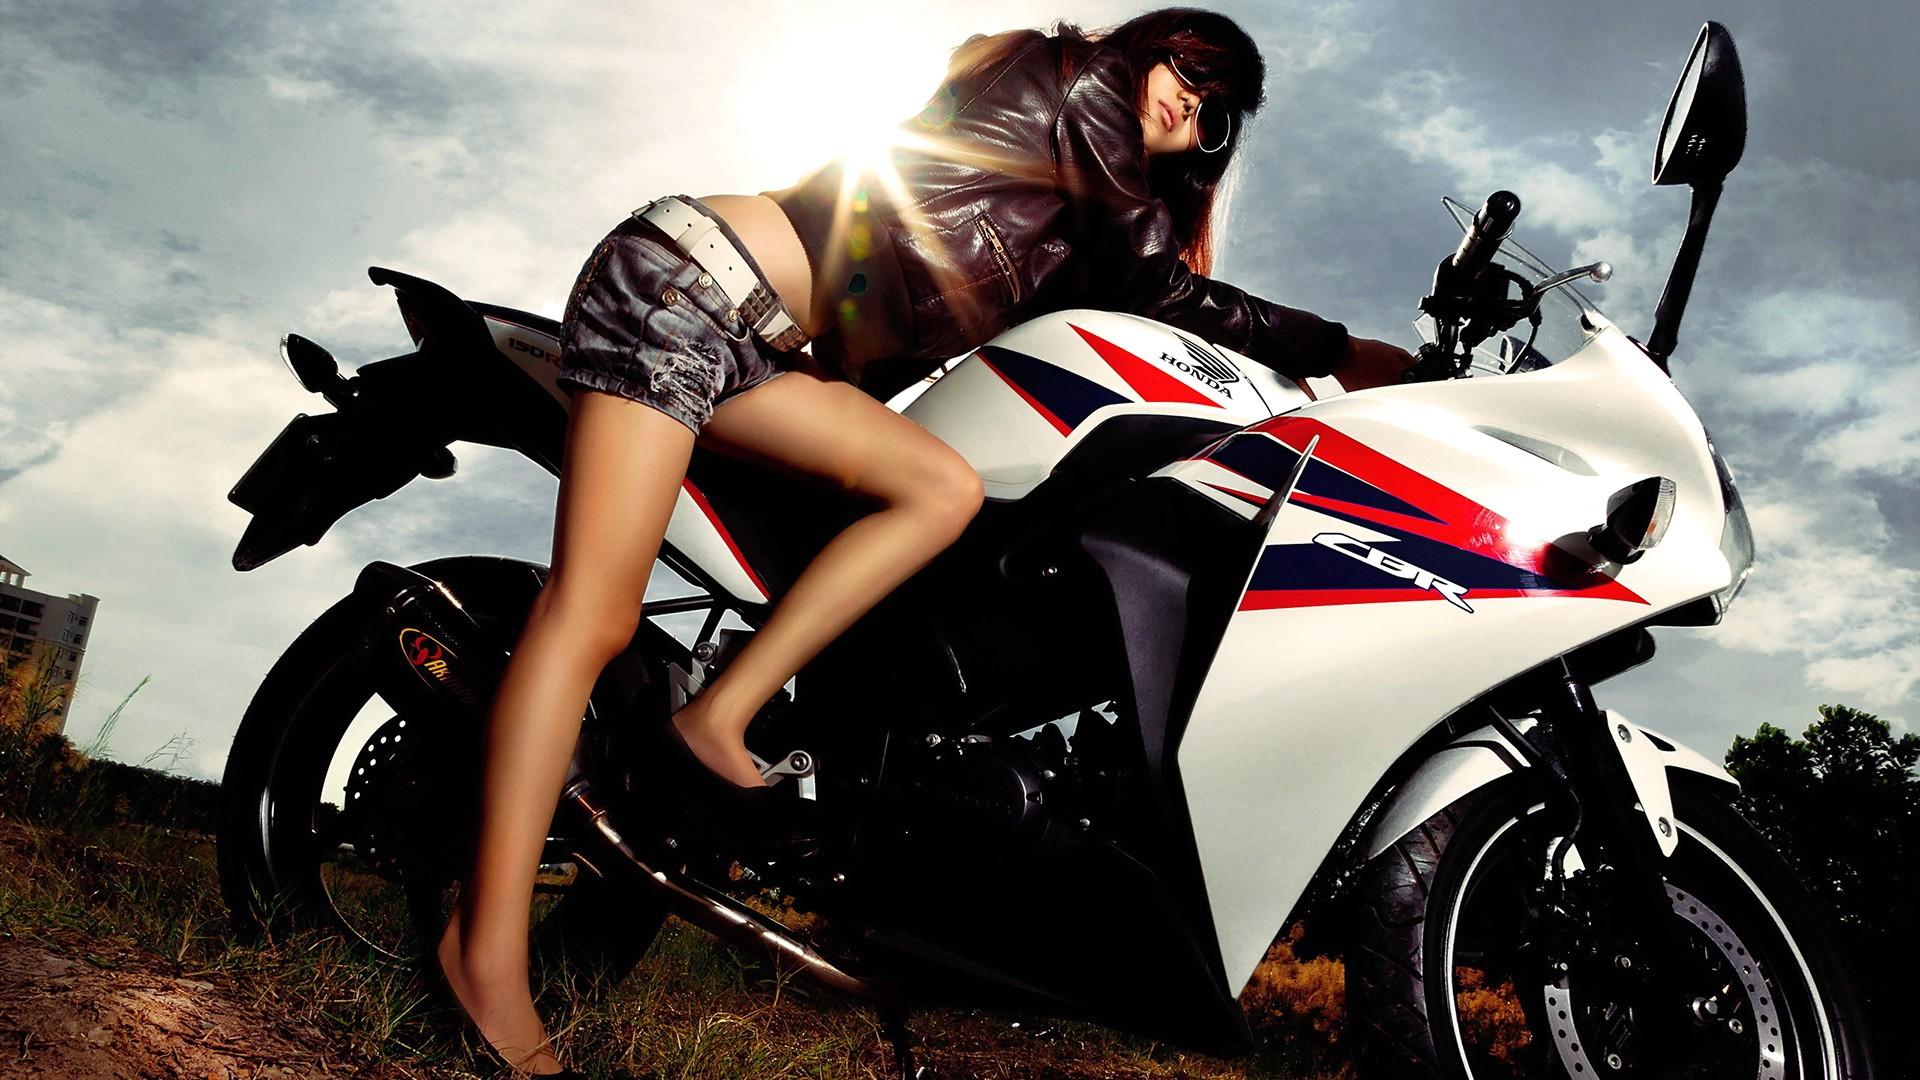 活久见 看看国外一些奇葩摩托车法规